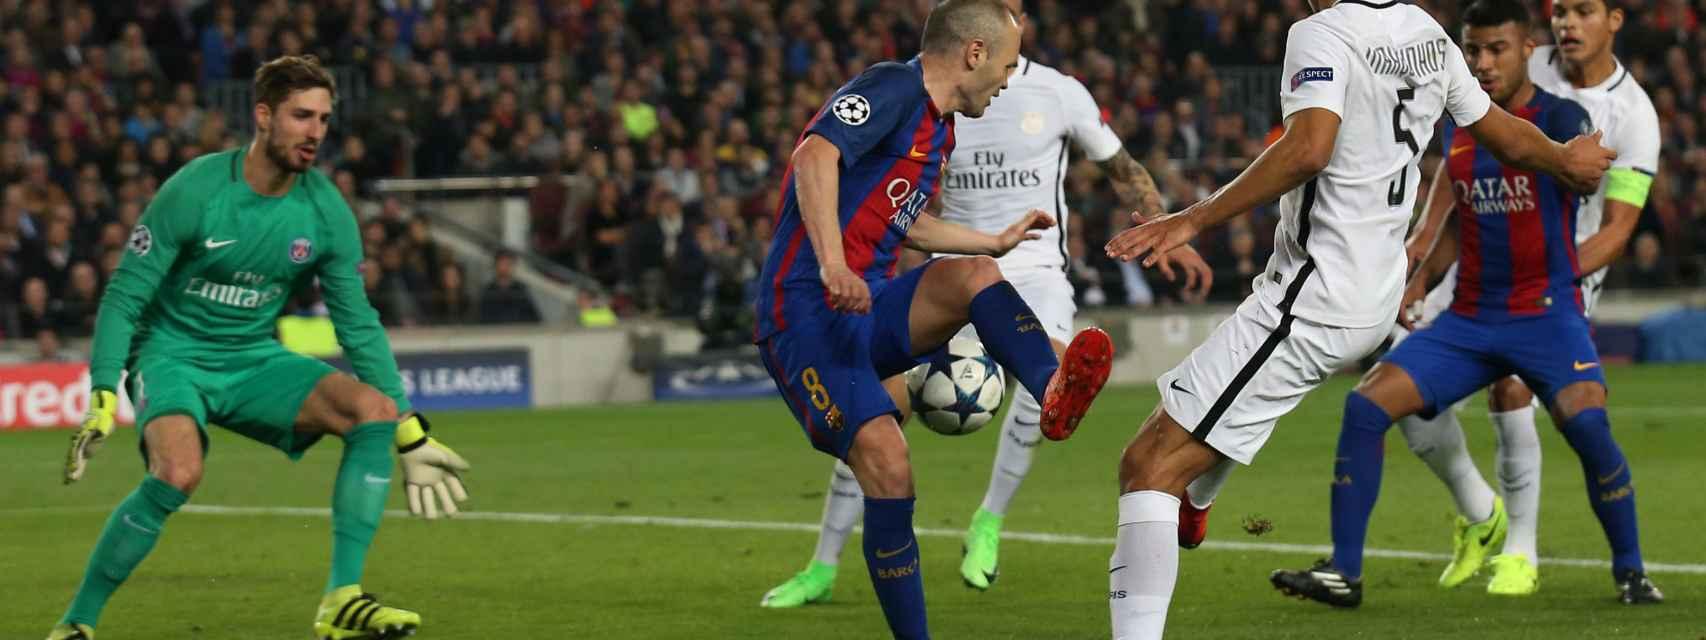 Barcelona - PSG, en directo